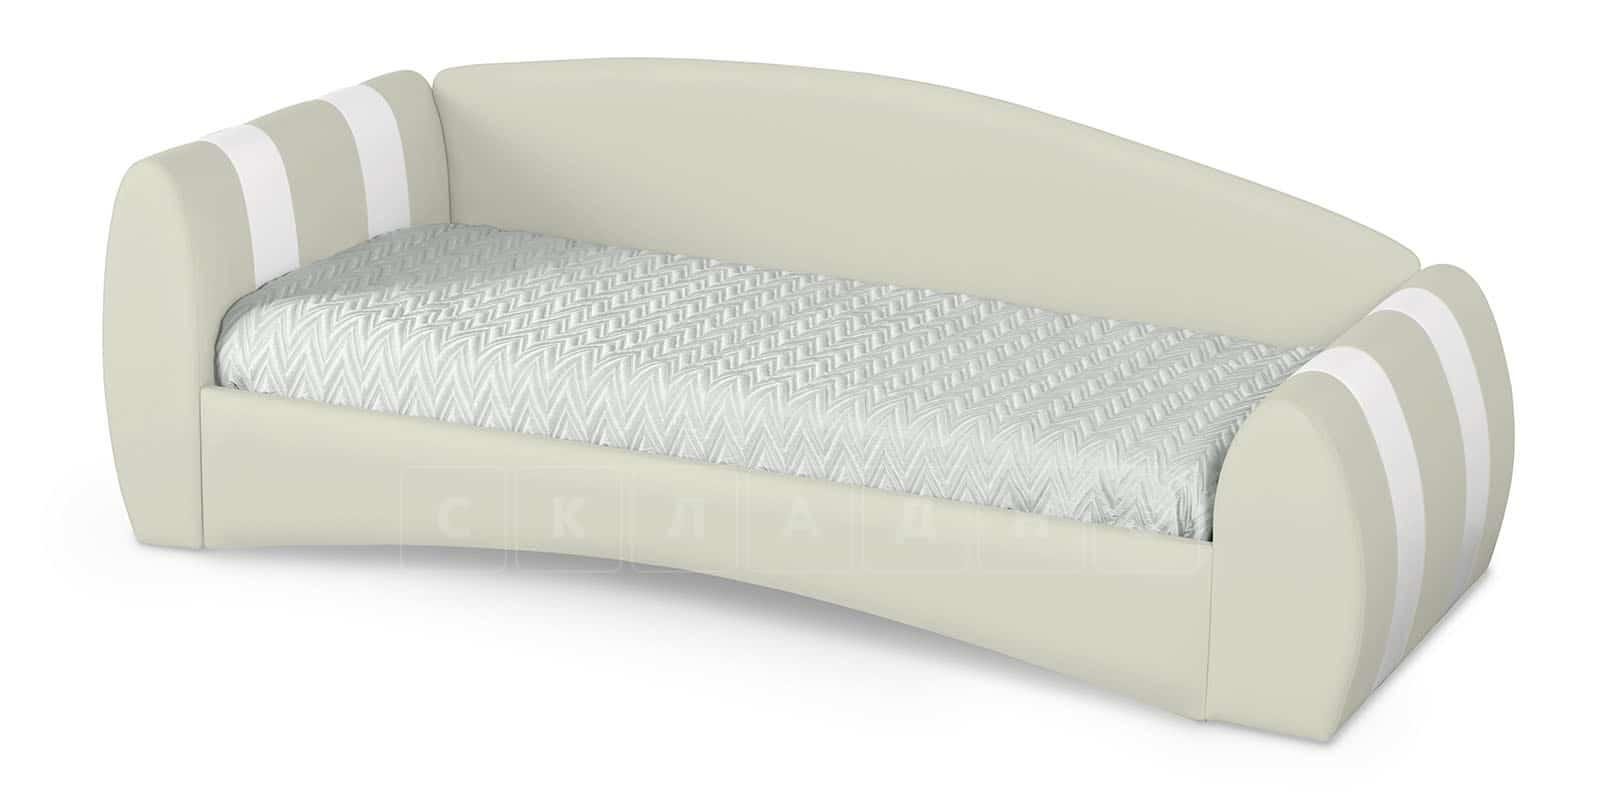 Мягкая кровать Монако 90х190см молочного цвета левая фото 2 | интернет-магазин Складно